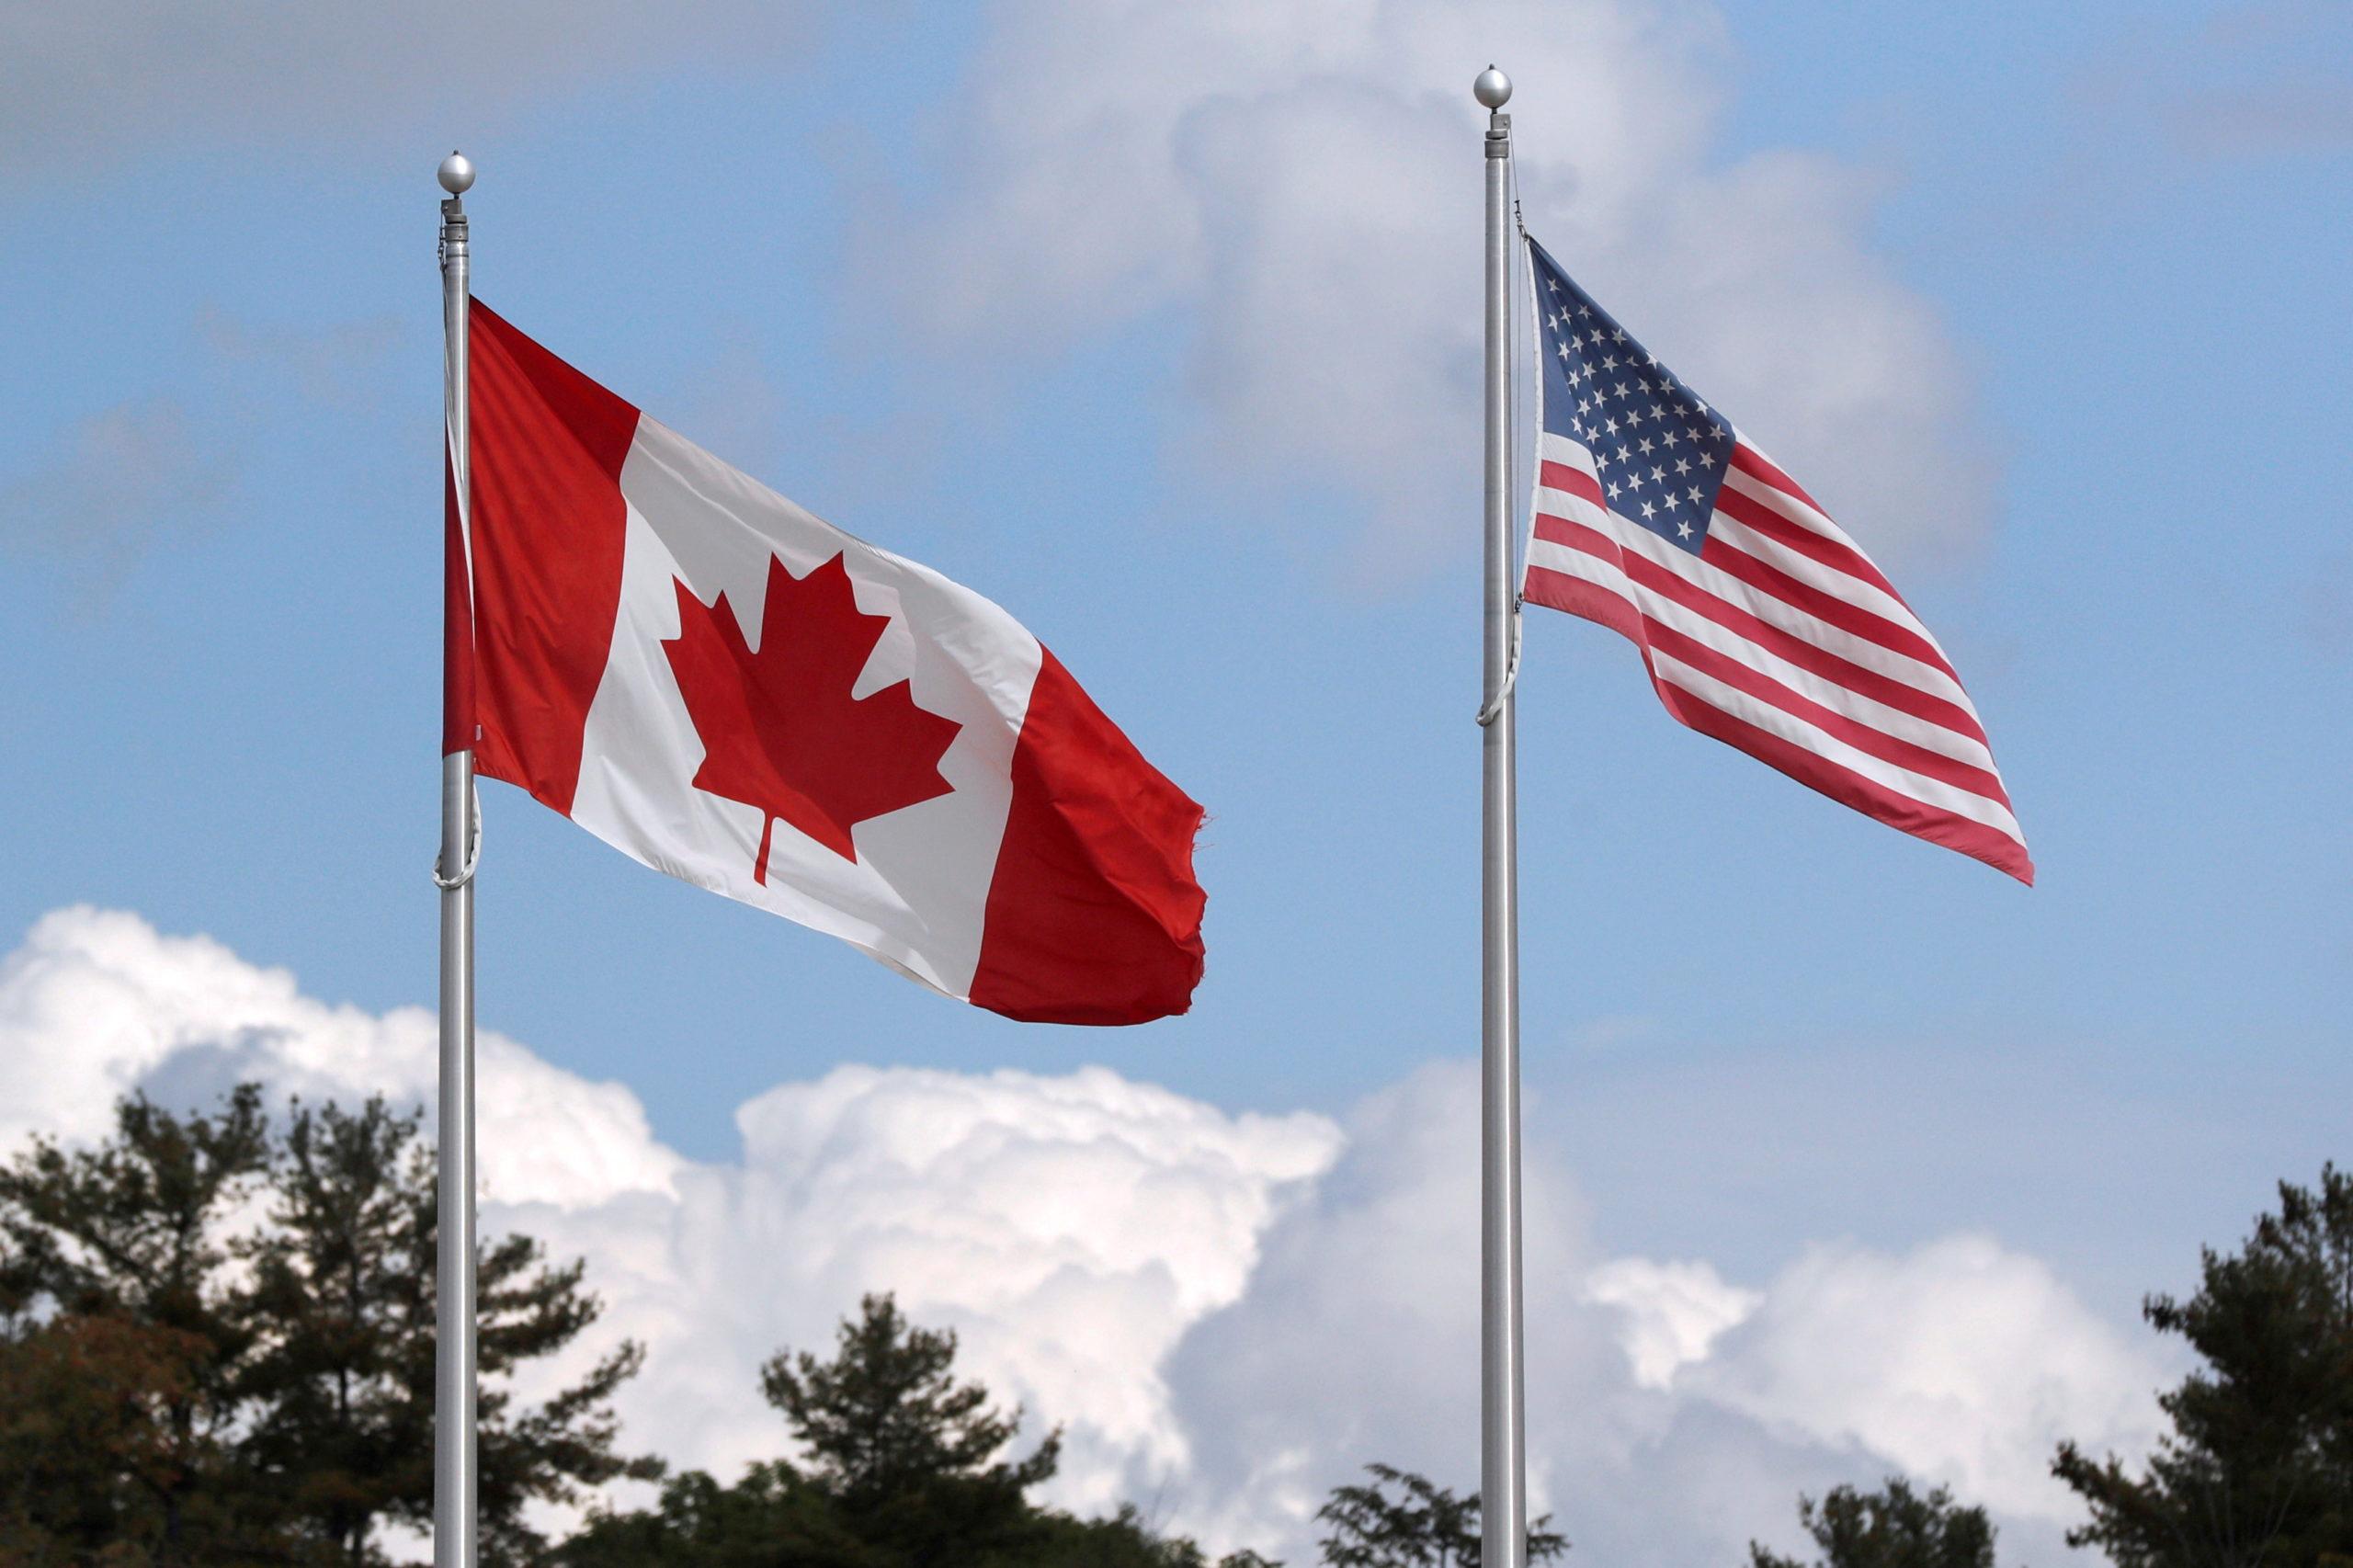 تمدید محدودیت مرزی 30 روزه برای کاناداییها توسط ایالاتمتحده آمریکا